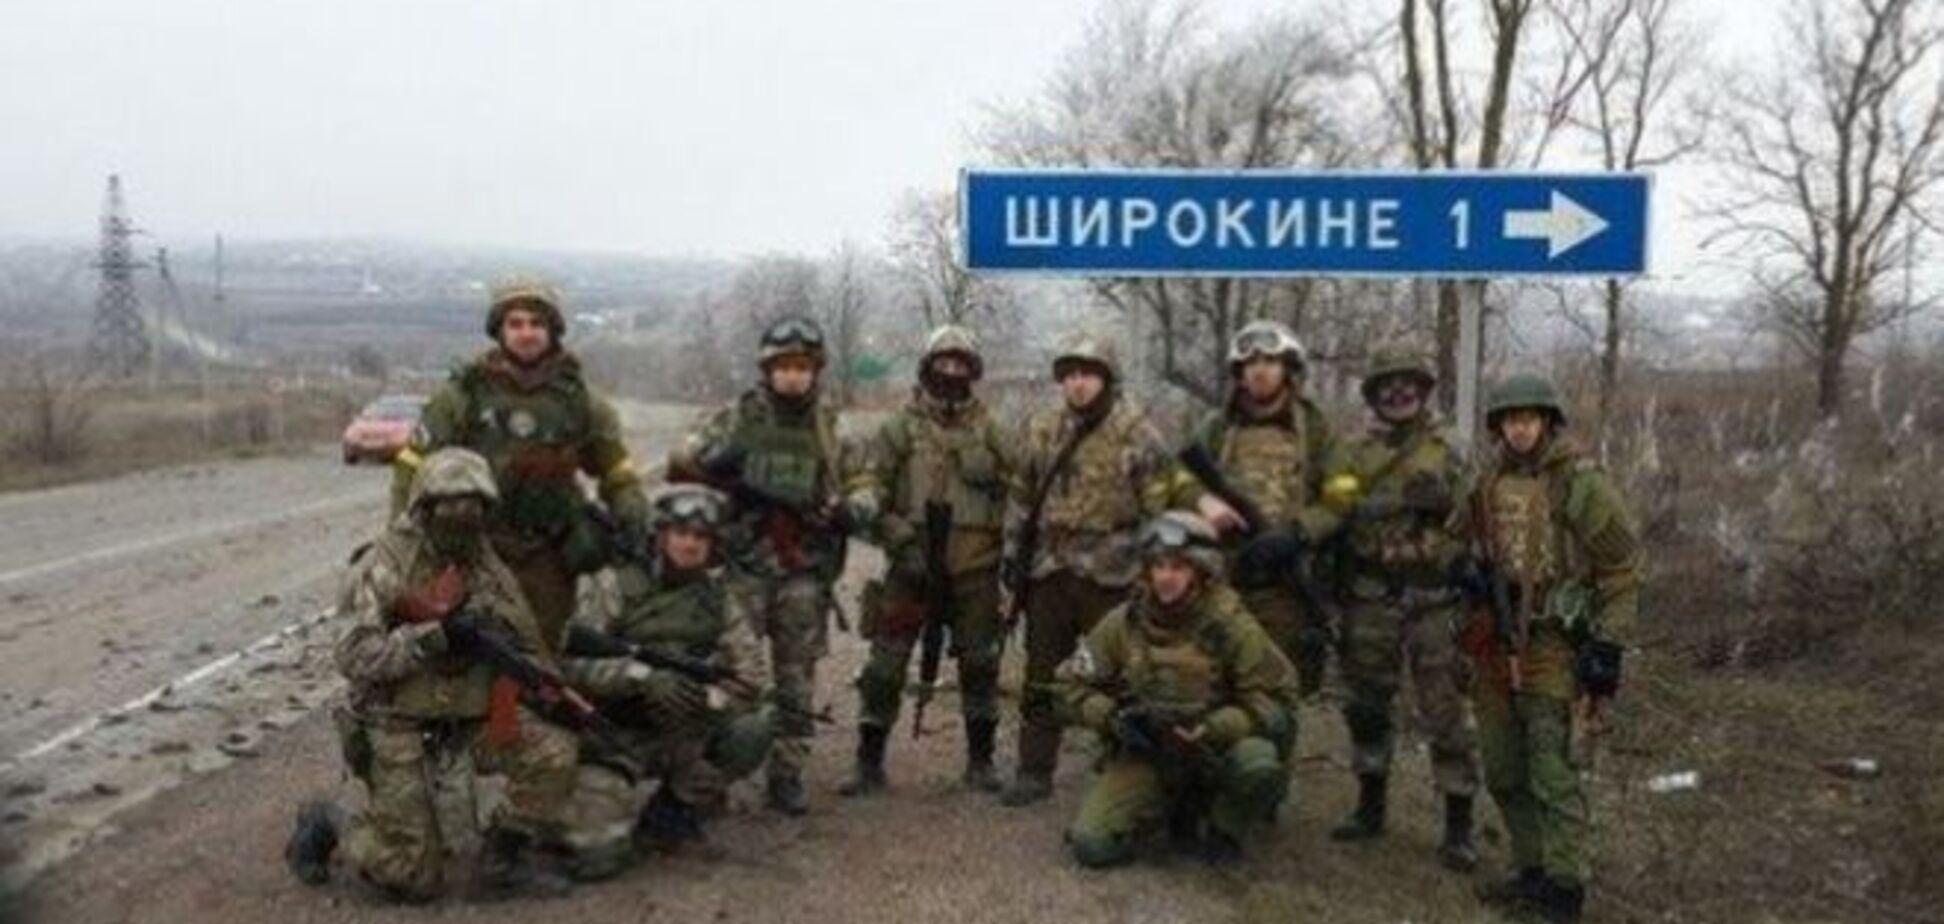 Генерали України і РФ домовилися про демілітаризацію Широкине